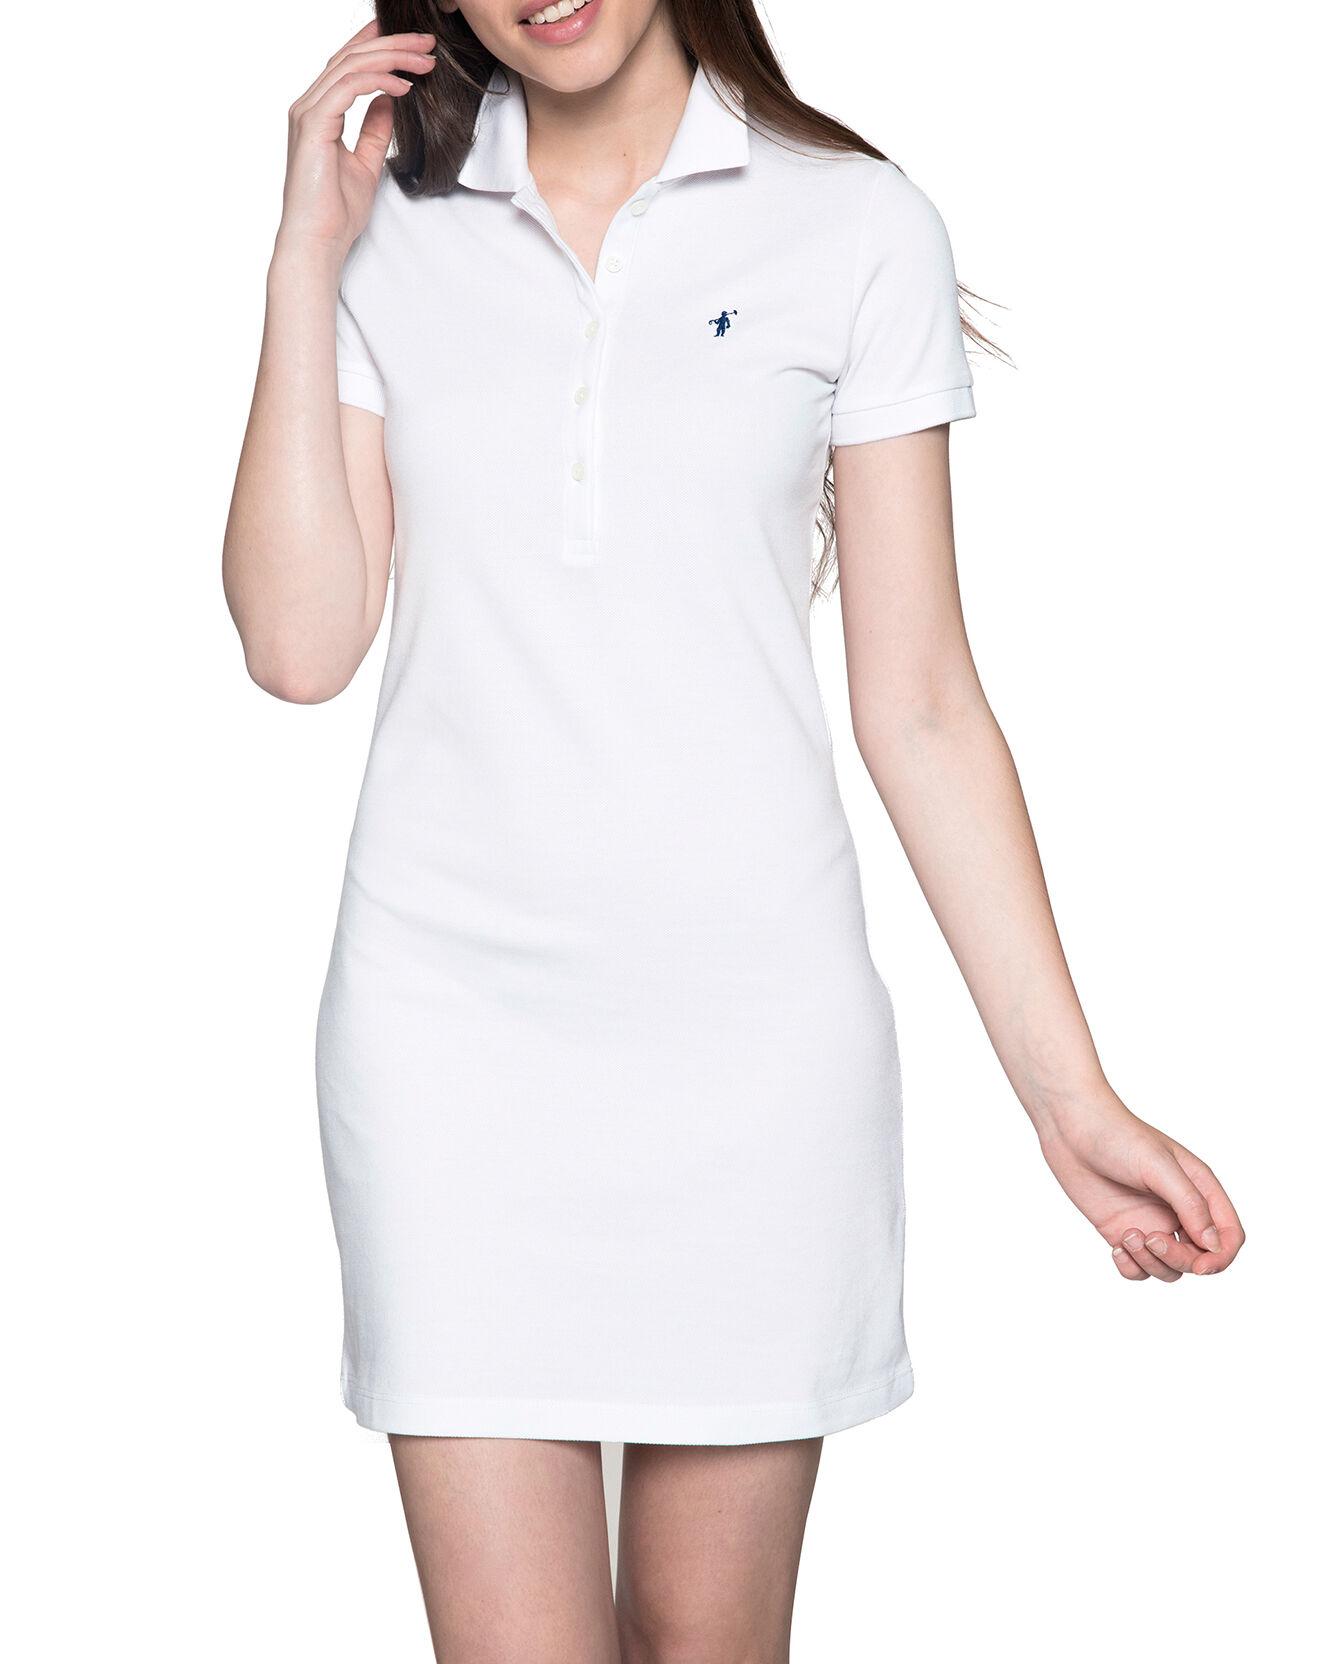 Robe Polo manches courtes blanche